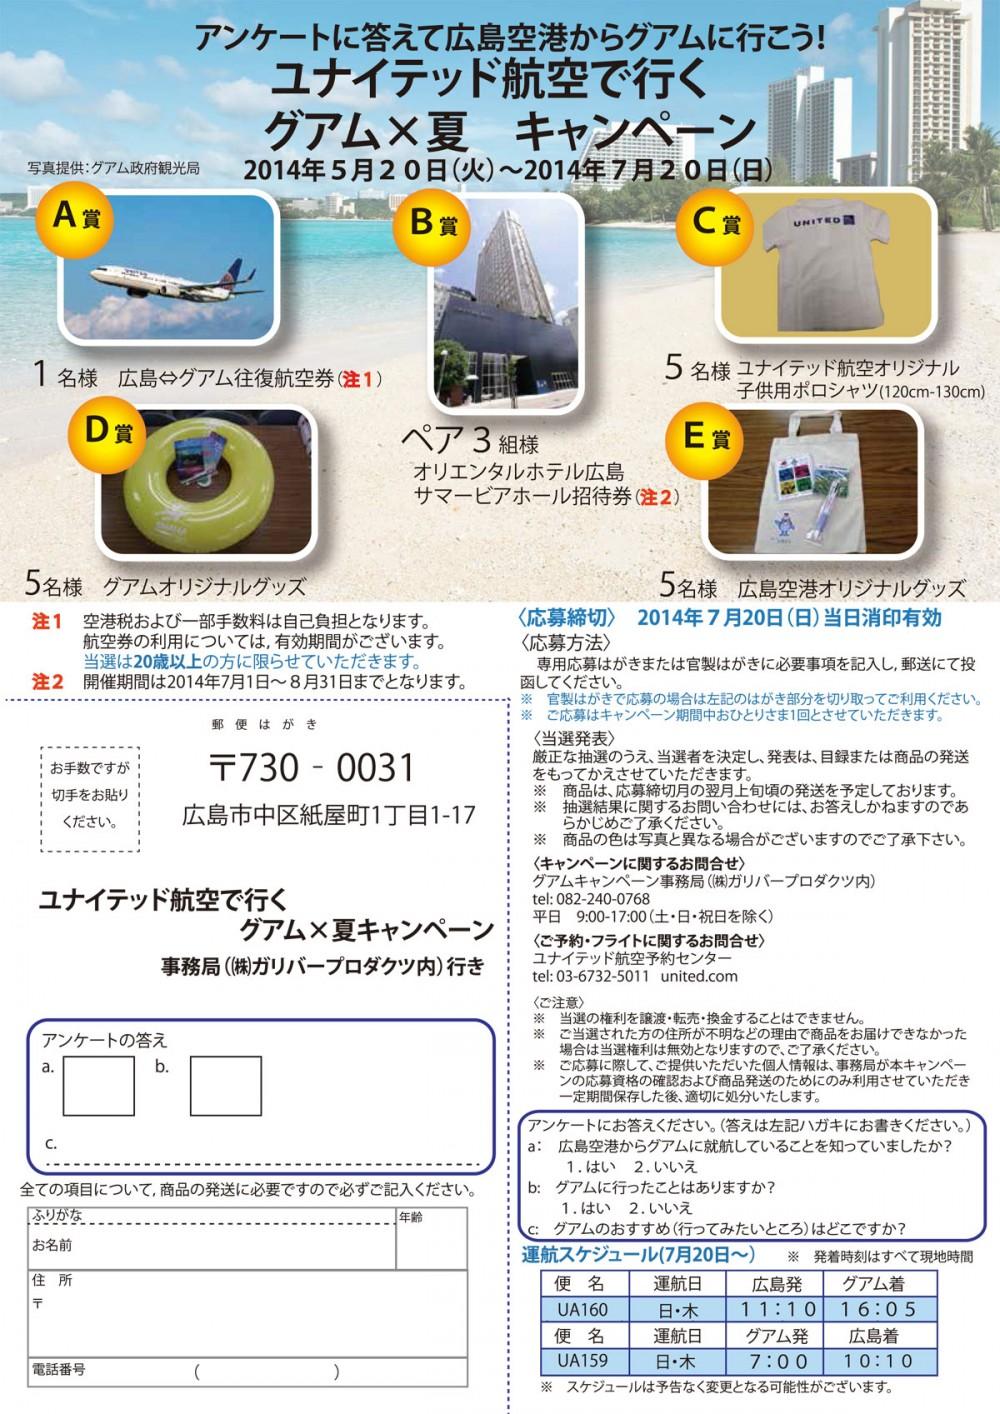 広島空港【グアム】ユナイテッド航空で行く グアム×夏キャンペーンの専用応募ハガキ